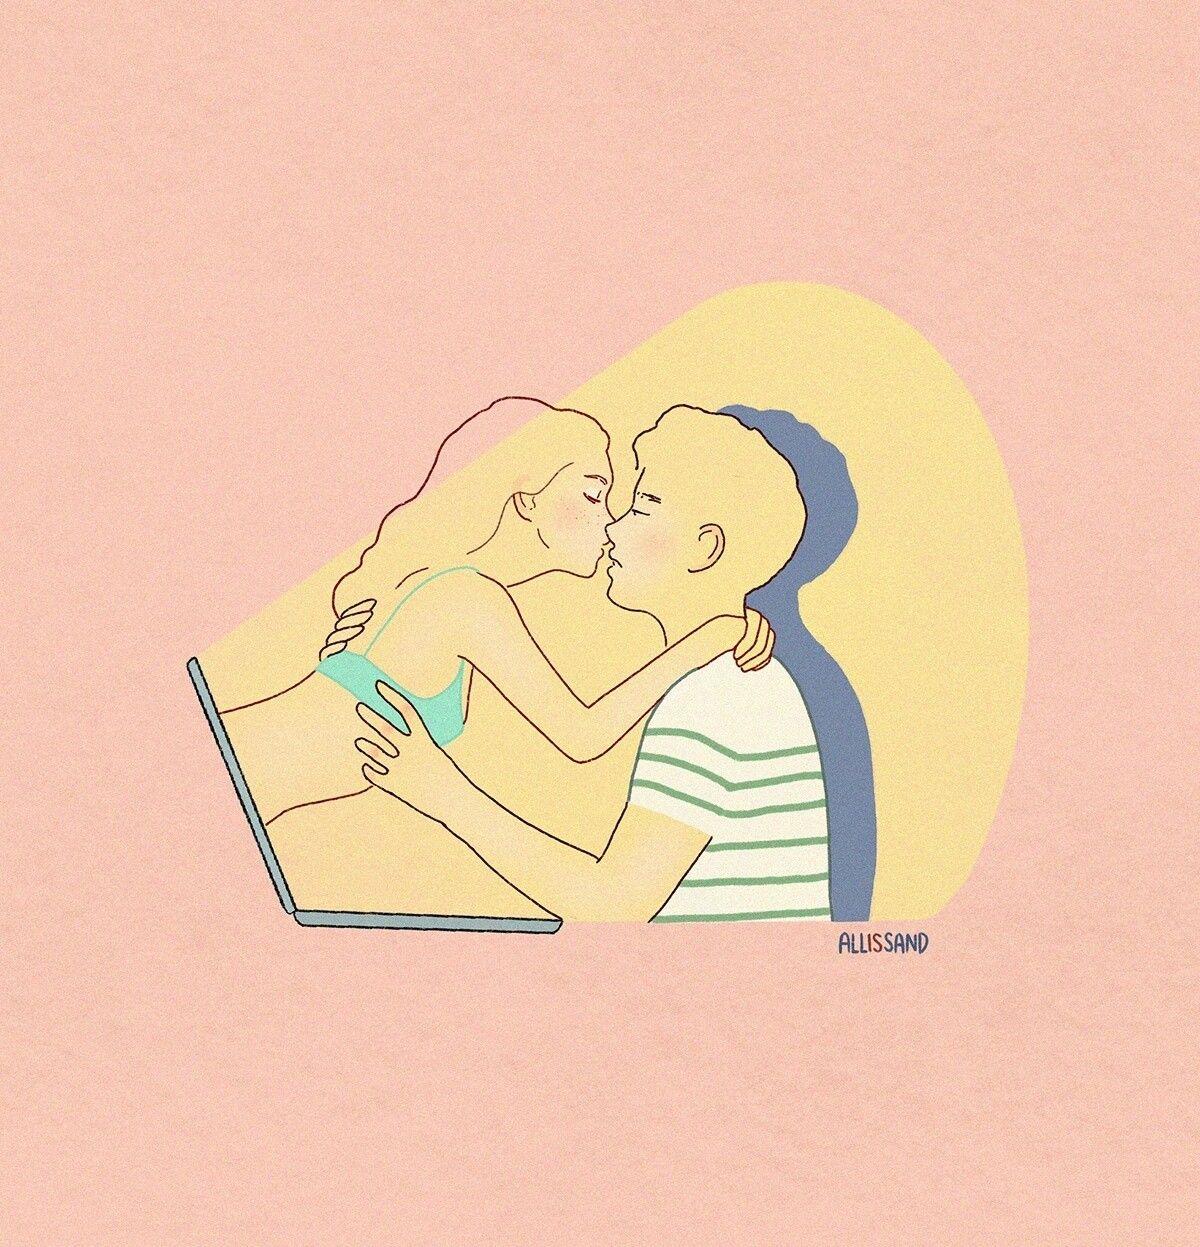 Las Ilustraciones De Alessandra Bruni Expresan Sentimientos Universales Cultura Inquieta In 2020 Love Design Illustration Art